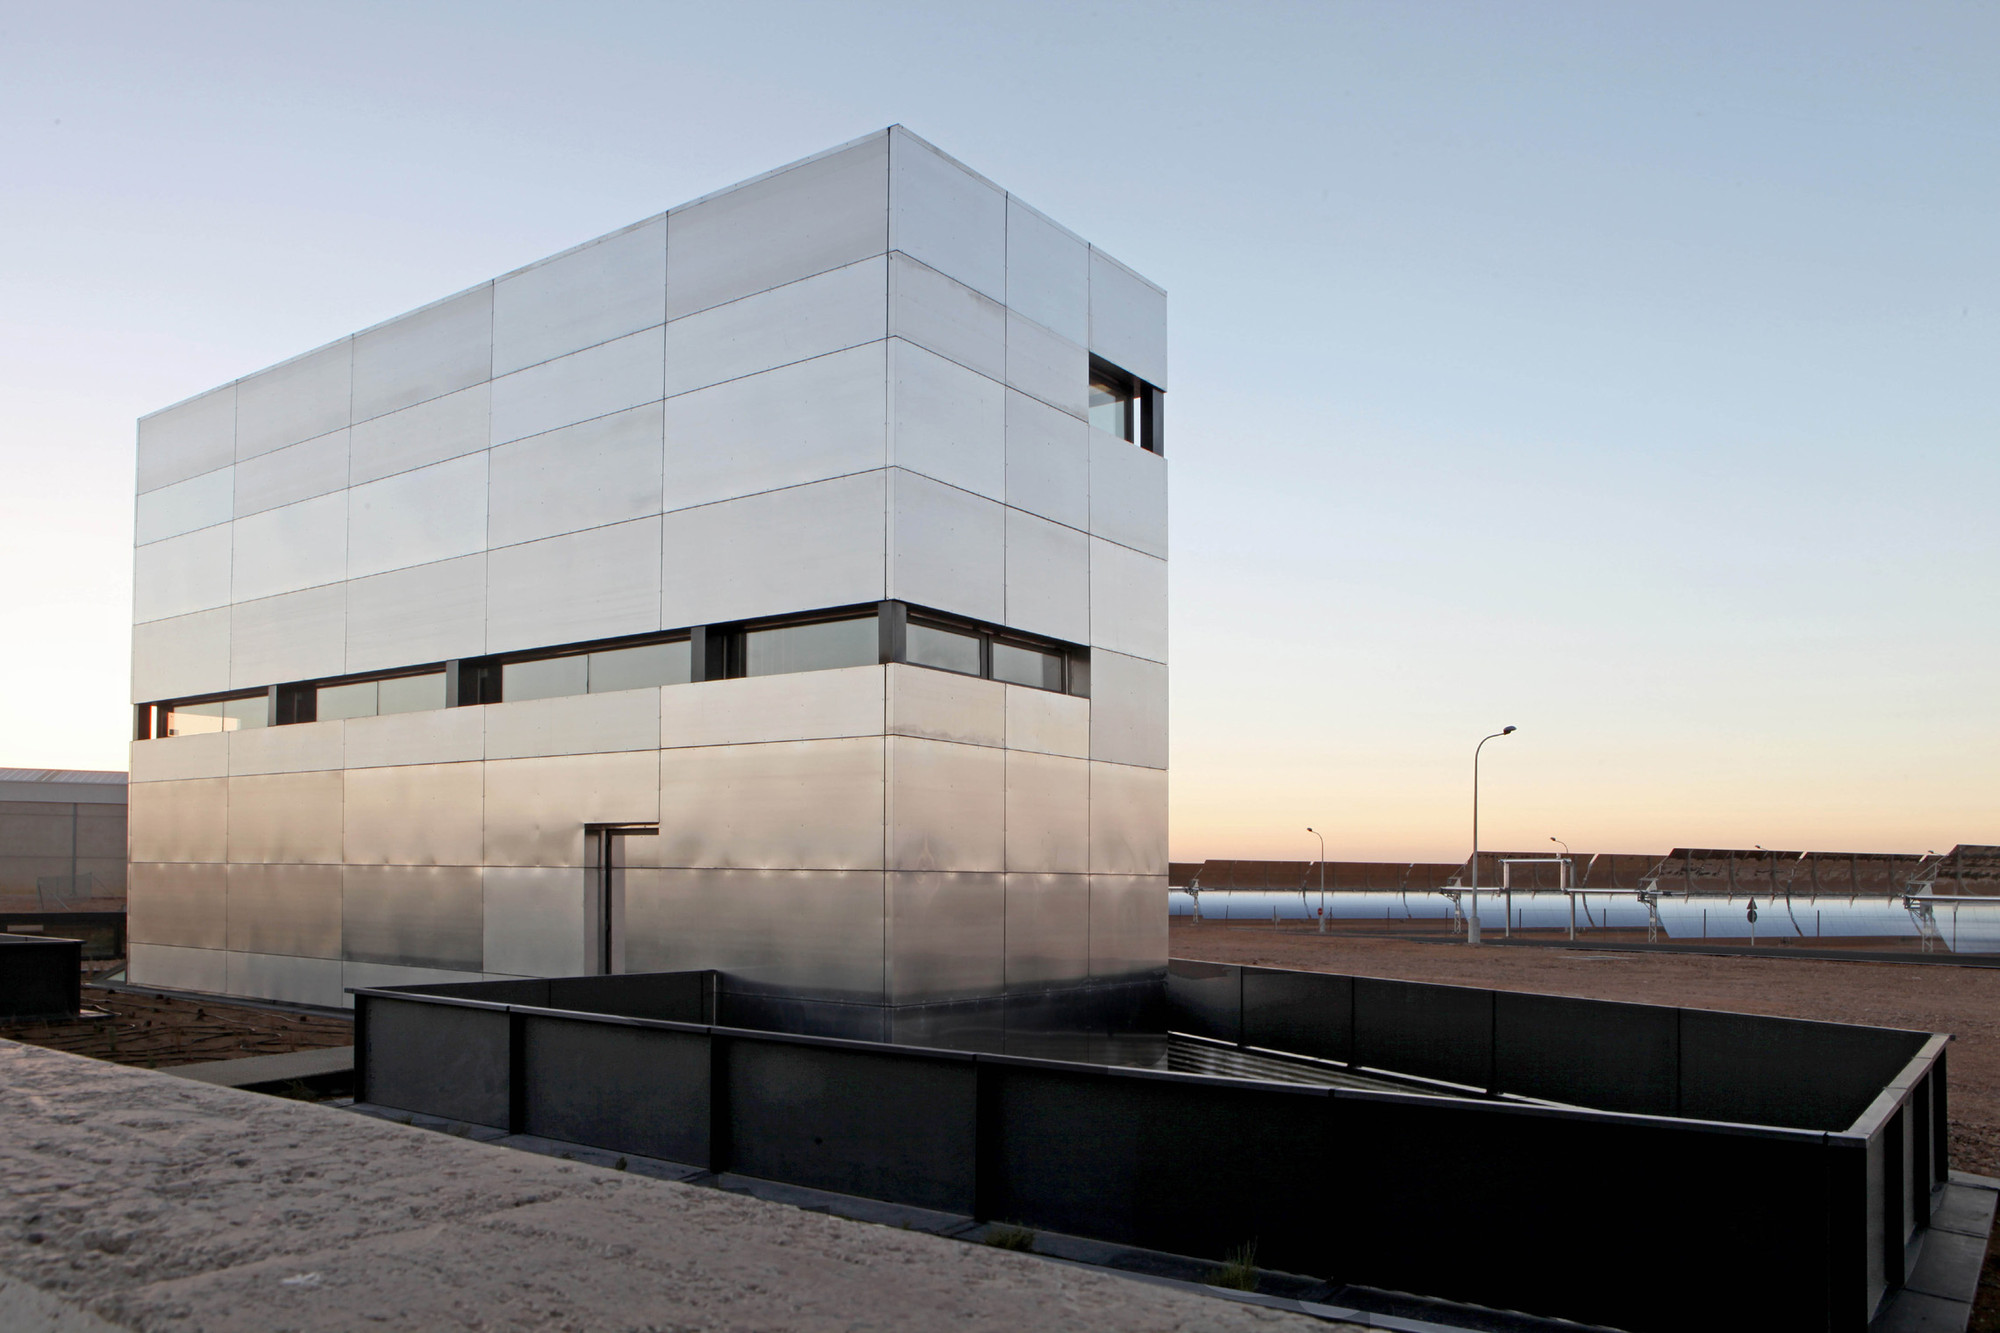 Edificio Multiusos Para Central Termosolar Astexol-2 / Sáenz De Oiza Arquitectos, © Carlos Arriaga